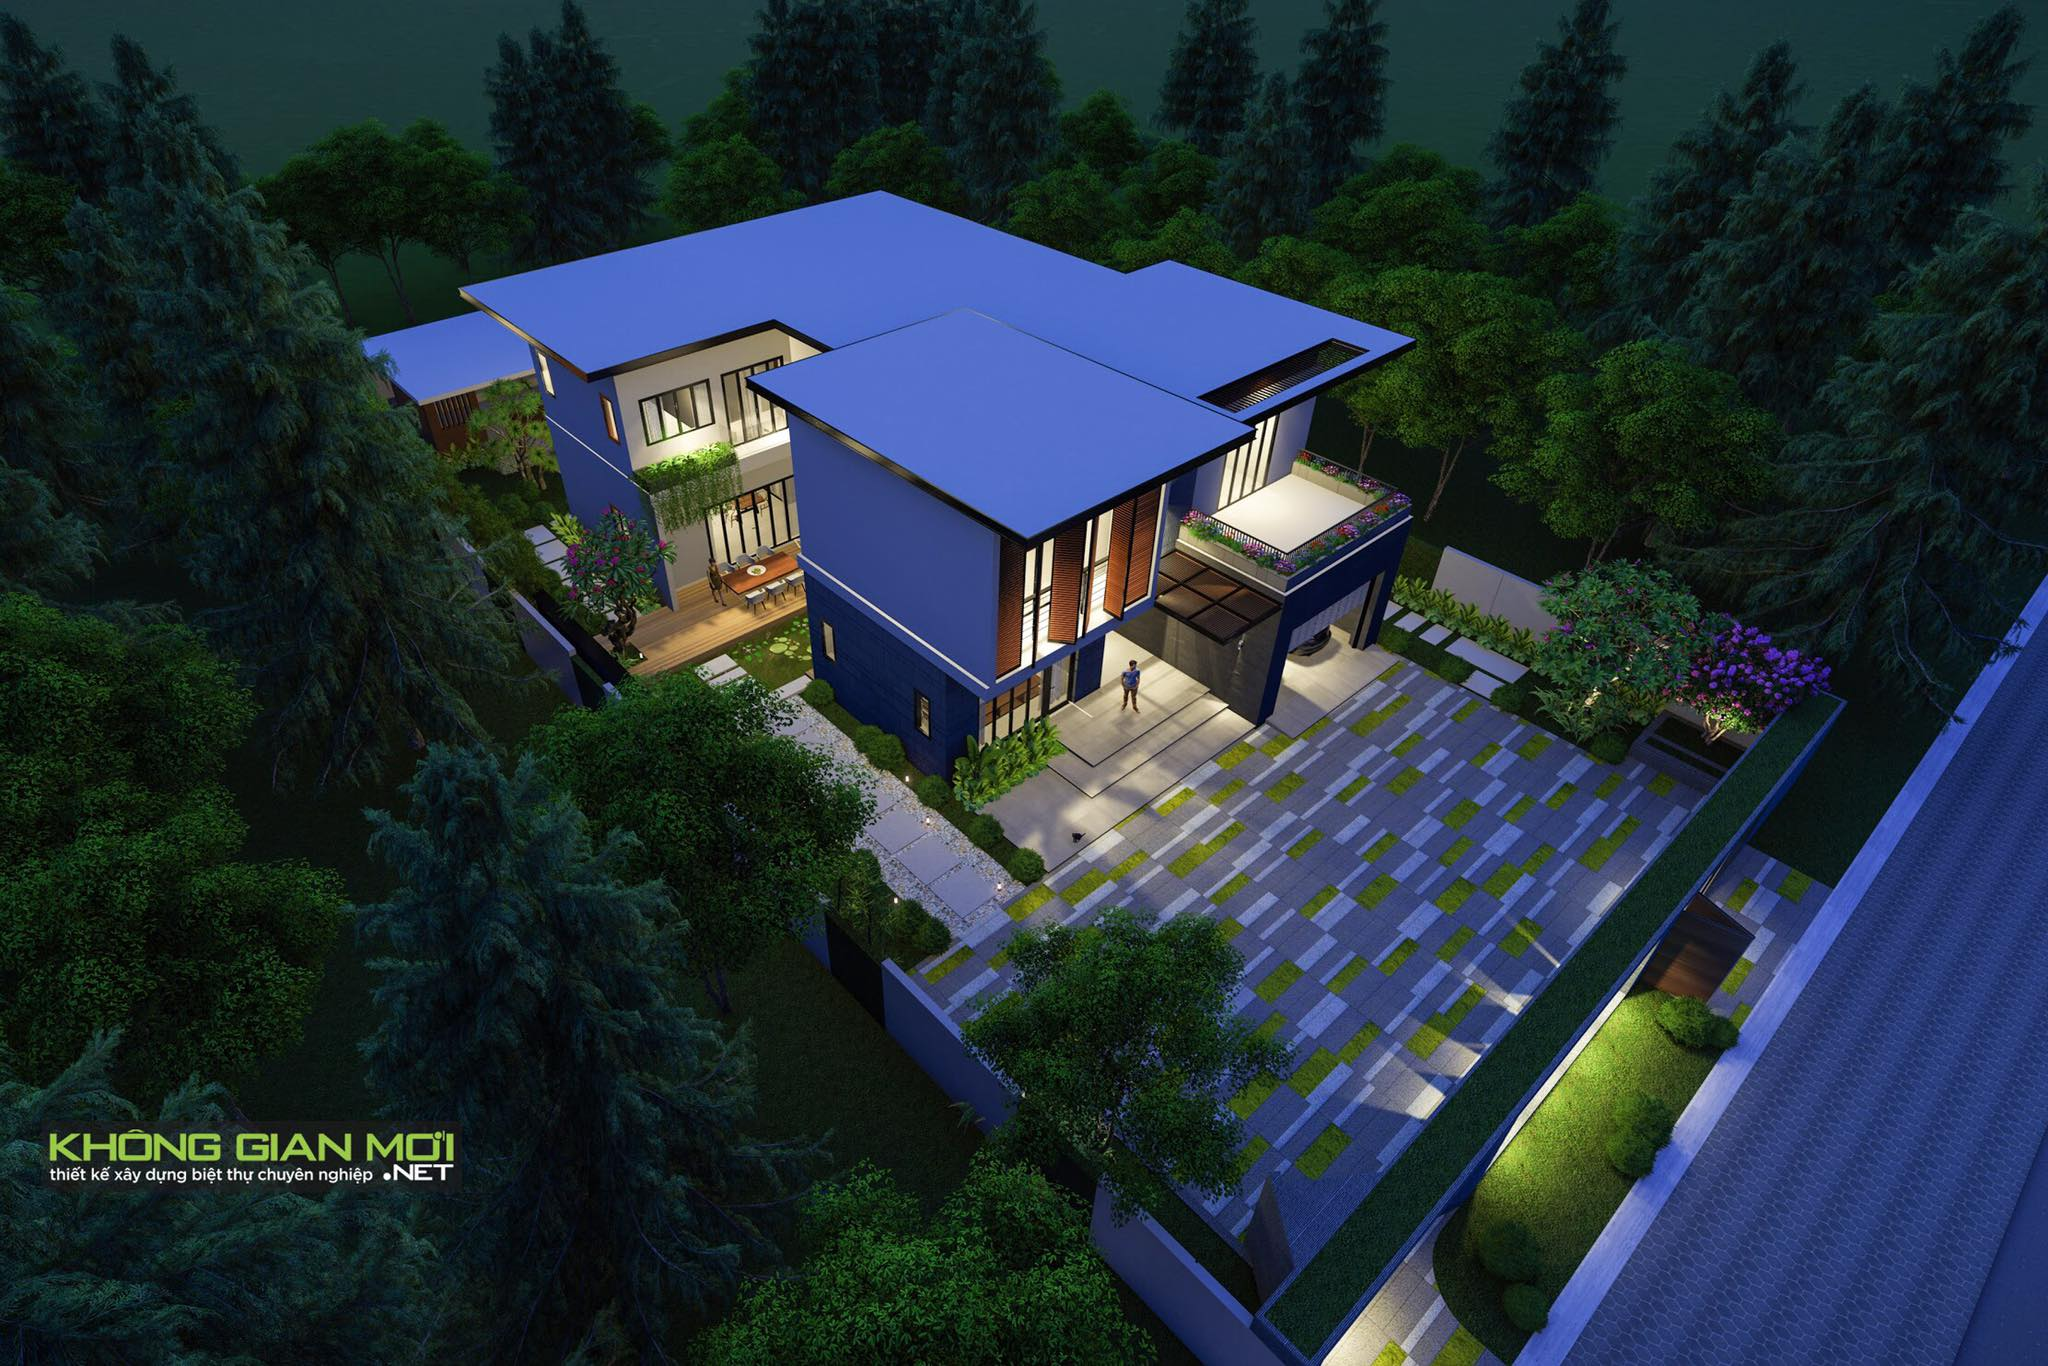 thiết kế Biệt Thự 2 tầng tại Tiền Giang KGM THIẾT KẾ XÂY DỰNG BIỆT THỰ - TIỀN GIANG 0 1562642646